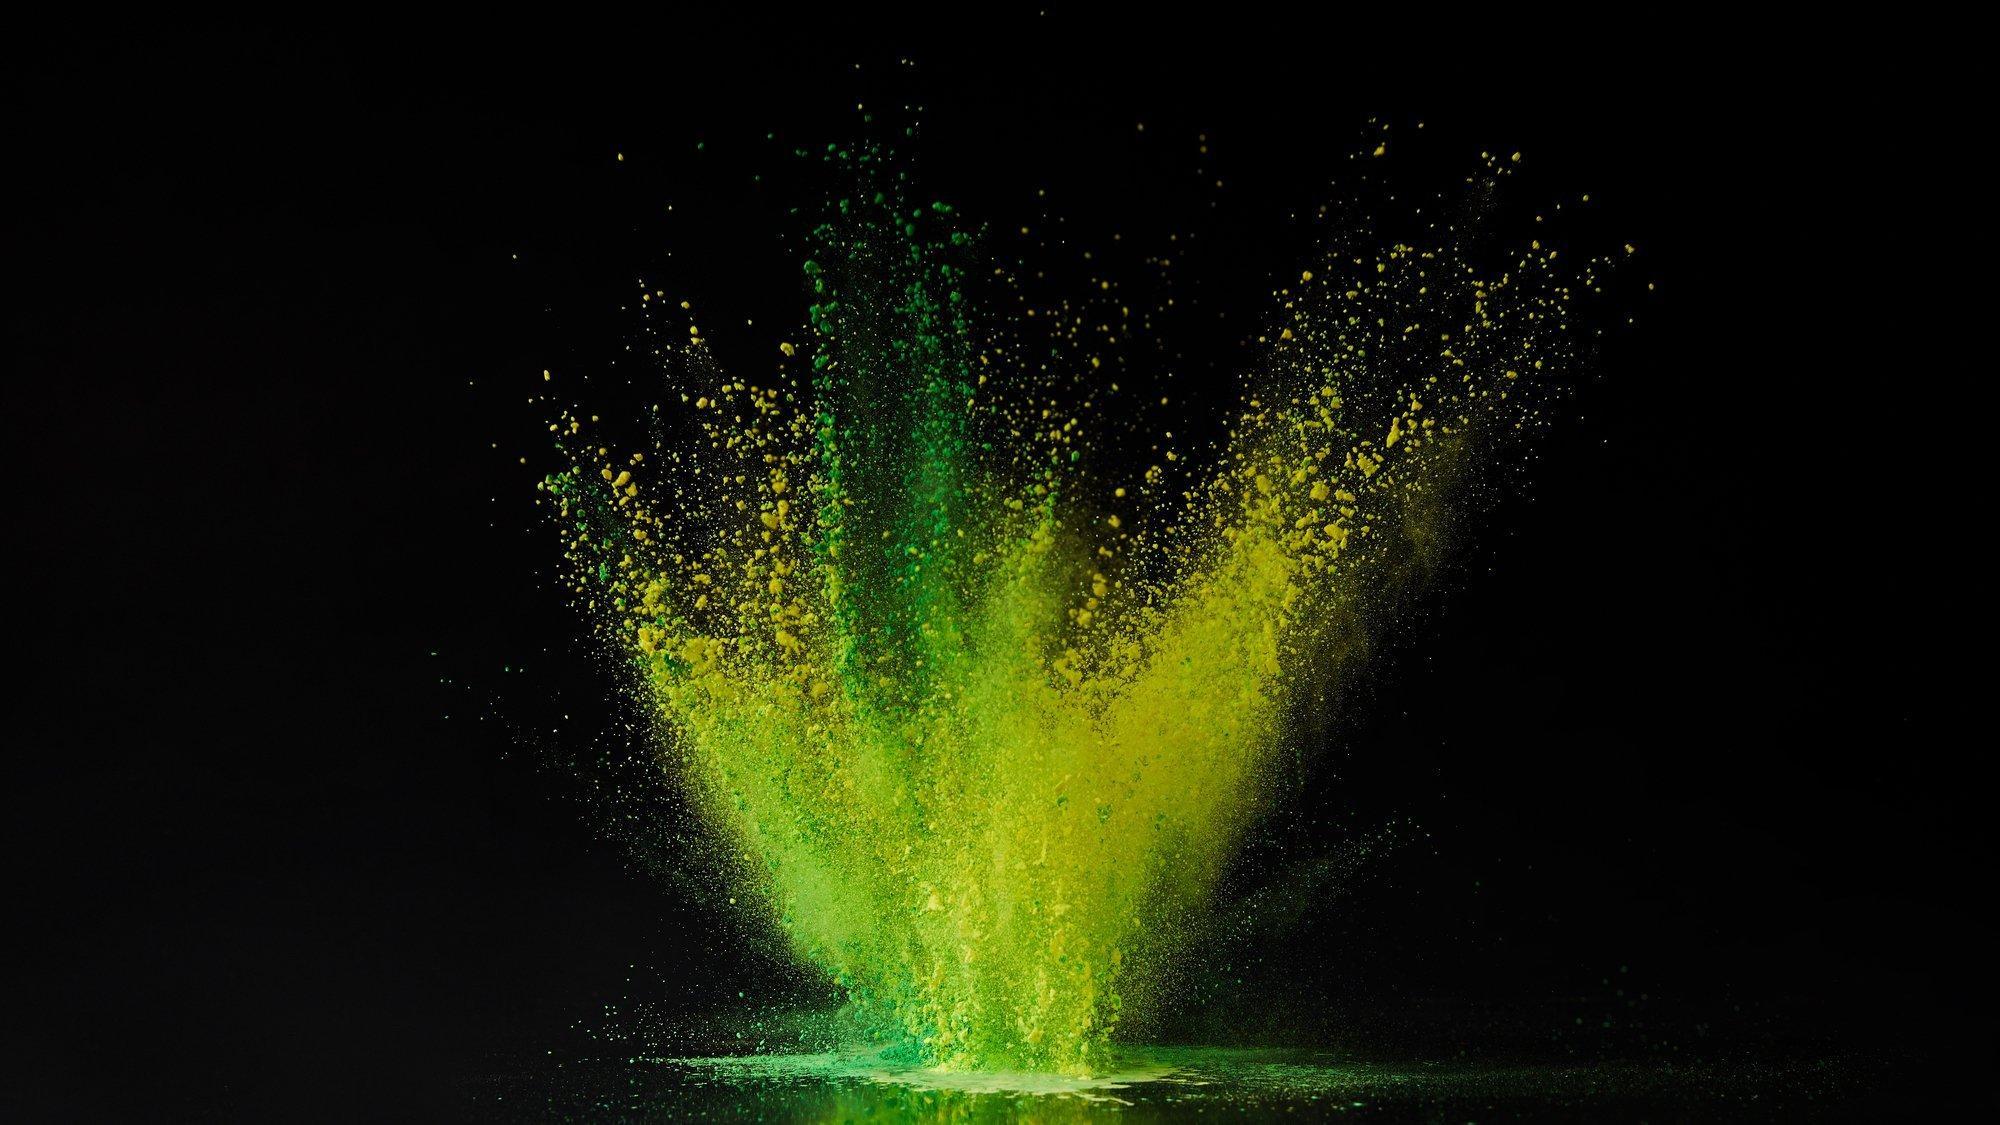 Fotomontage einer Wasseroberfläche, aus der grüne und gelbe Tropfen emporschießen